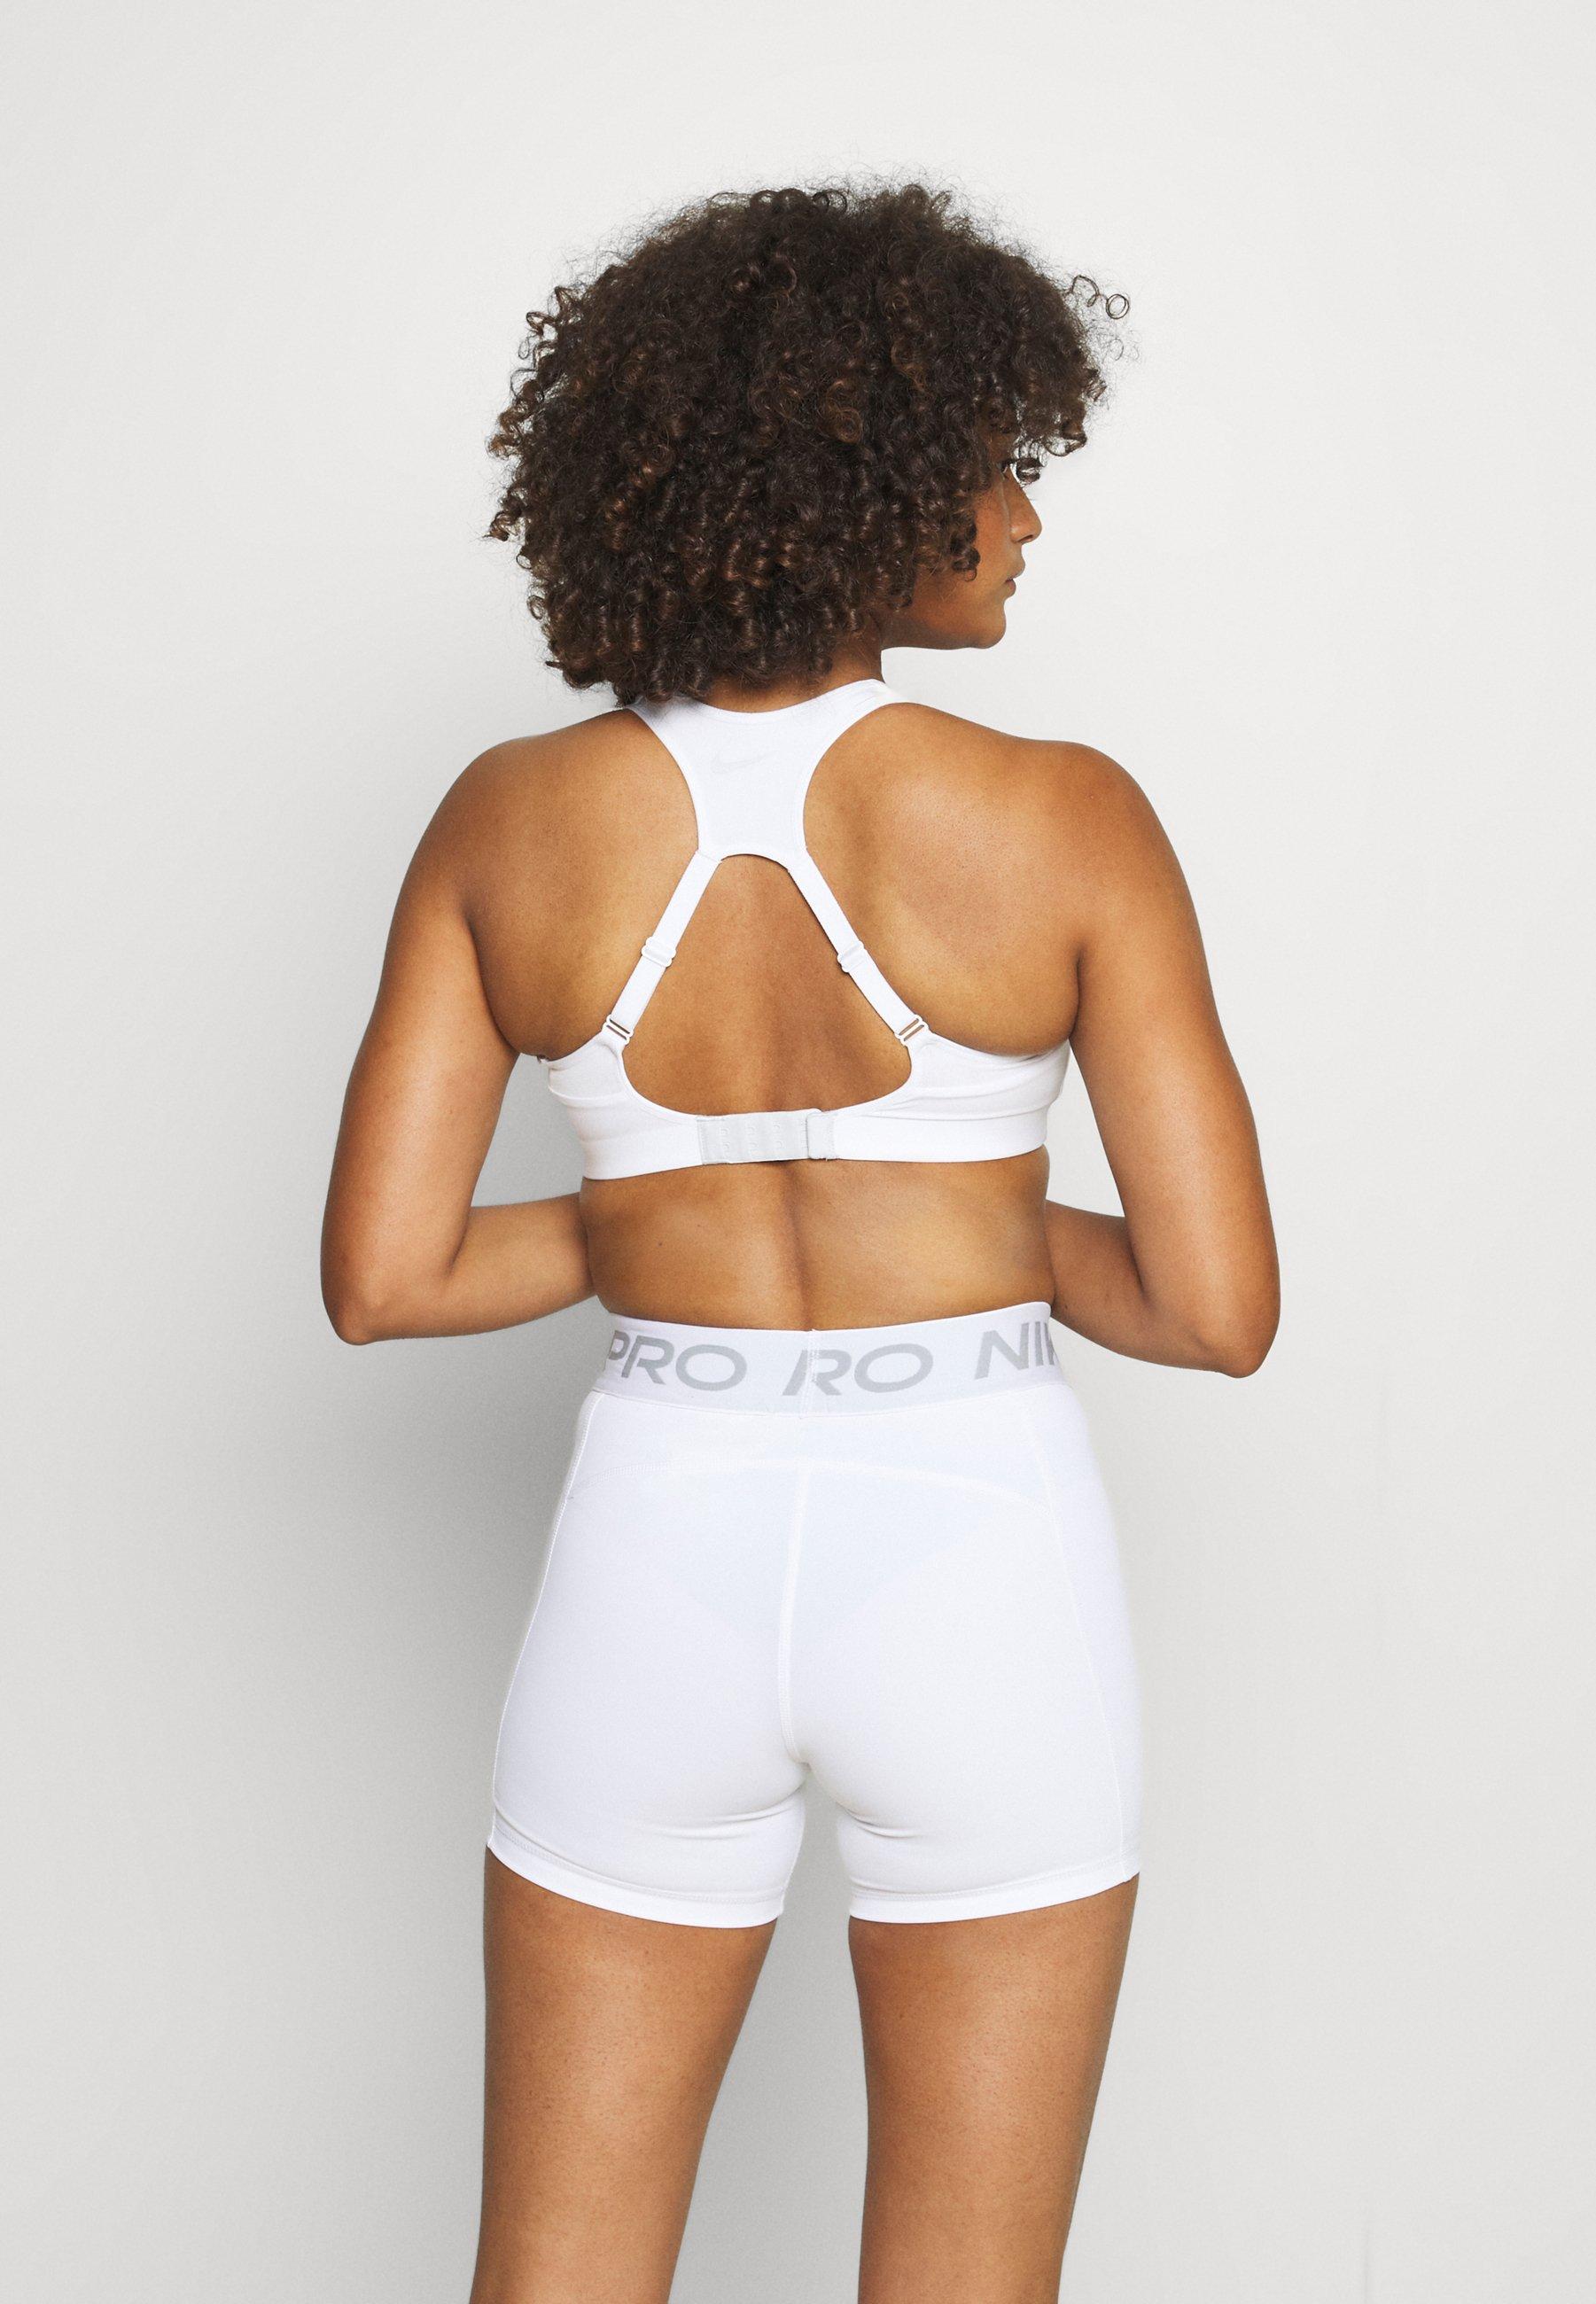 Women ALPHA BRA - High support sports bra